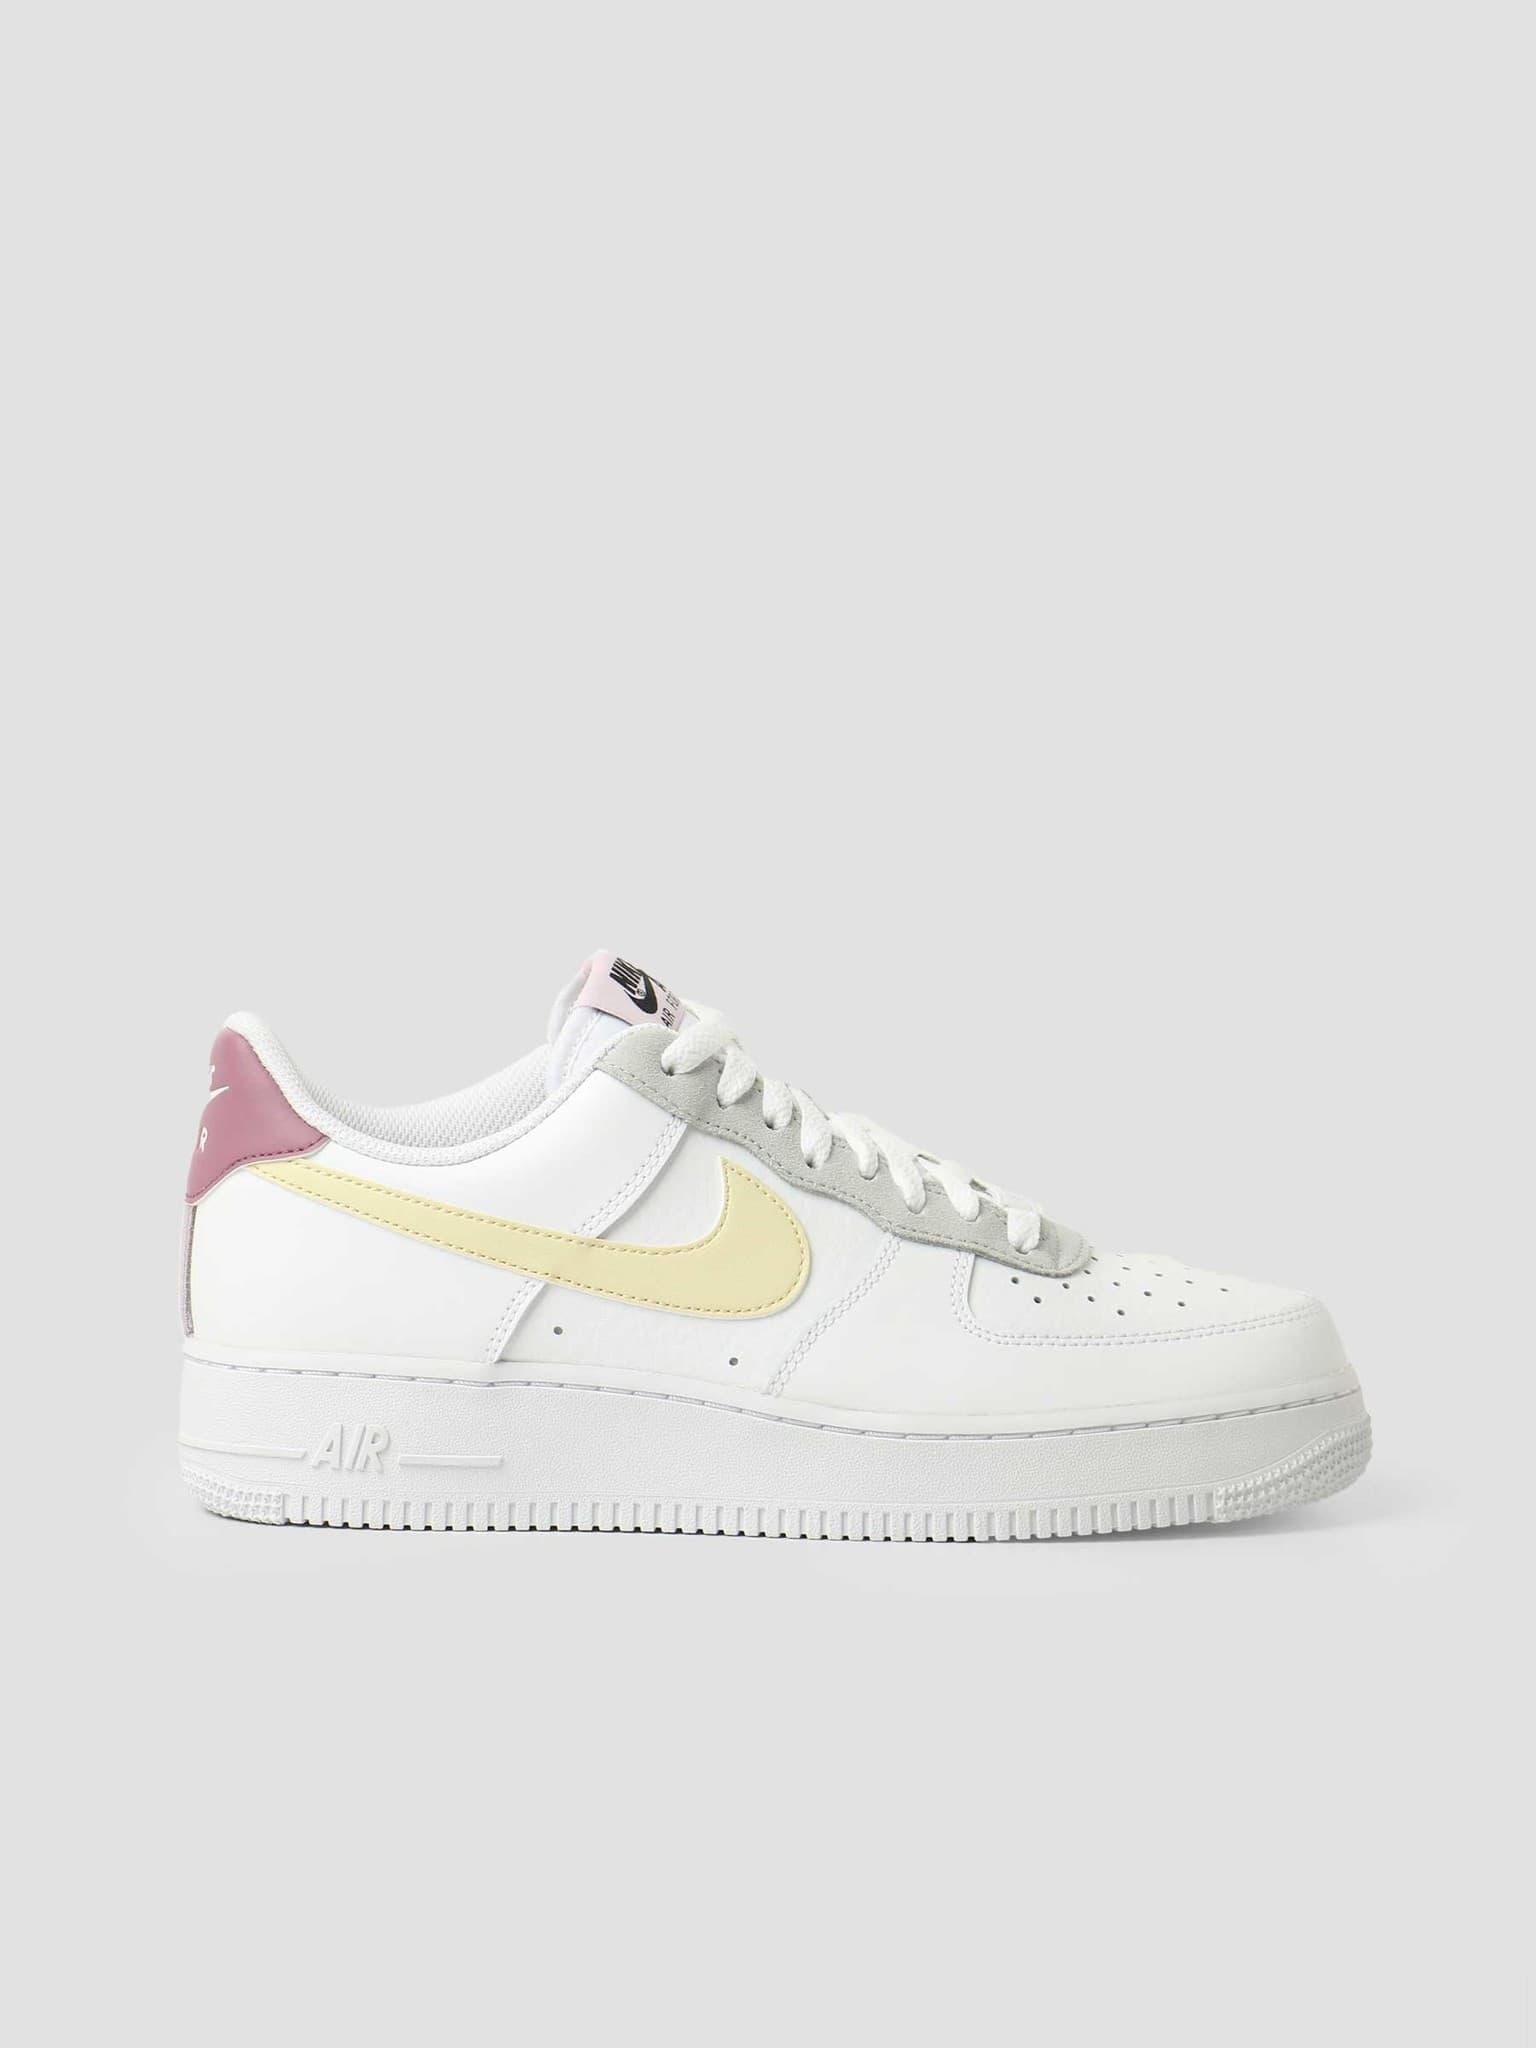 Wmns Nike Air Force 1 '07 Ess White Lemon Drop Regal Pink DN4930-100